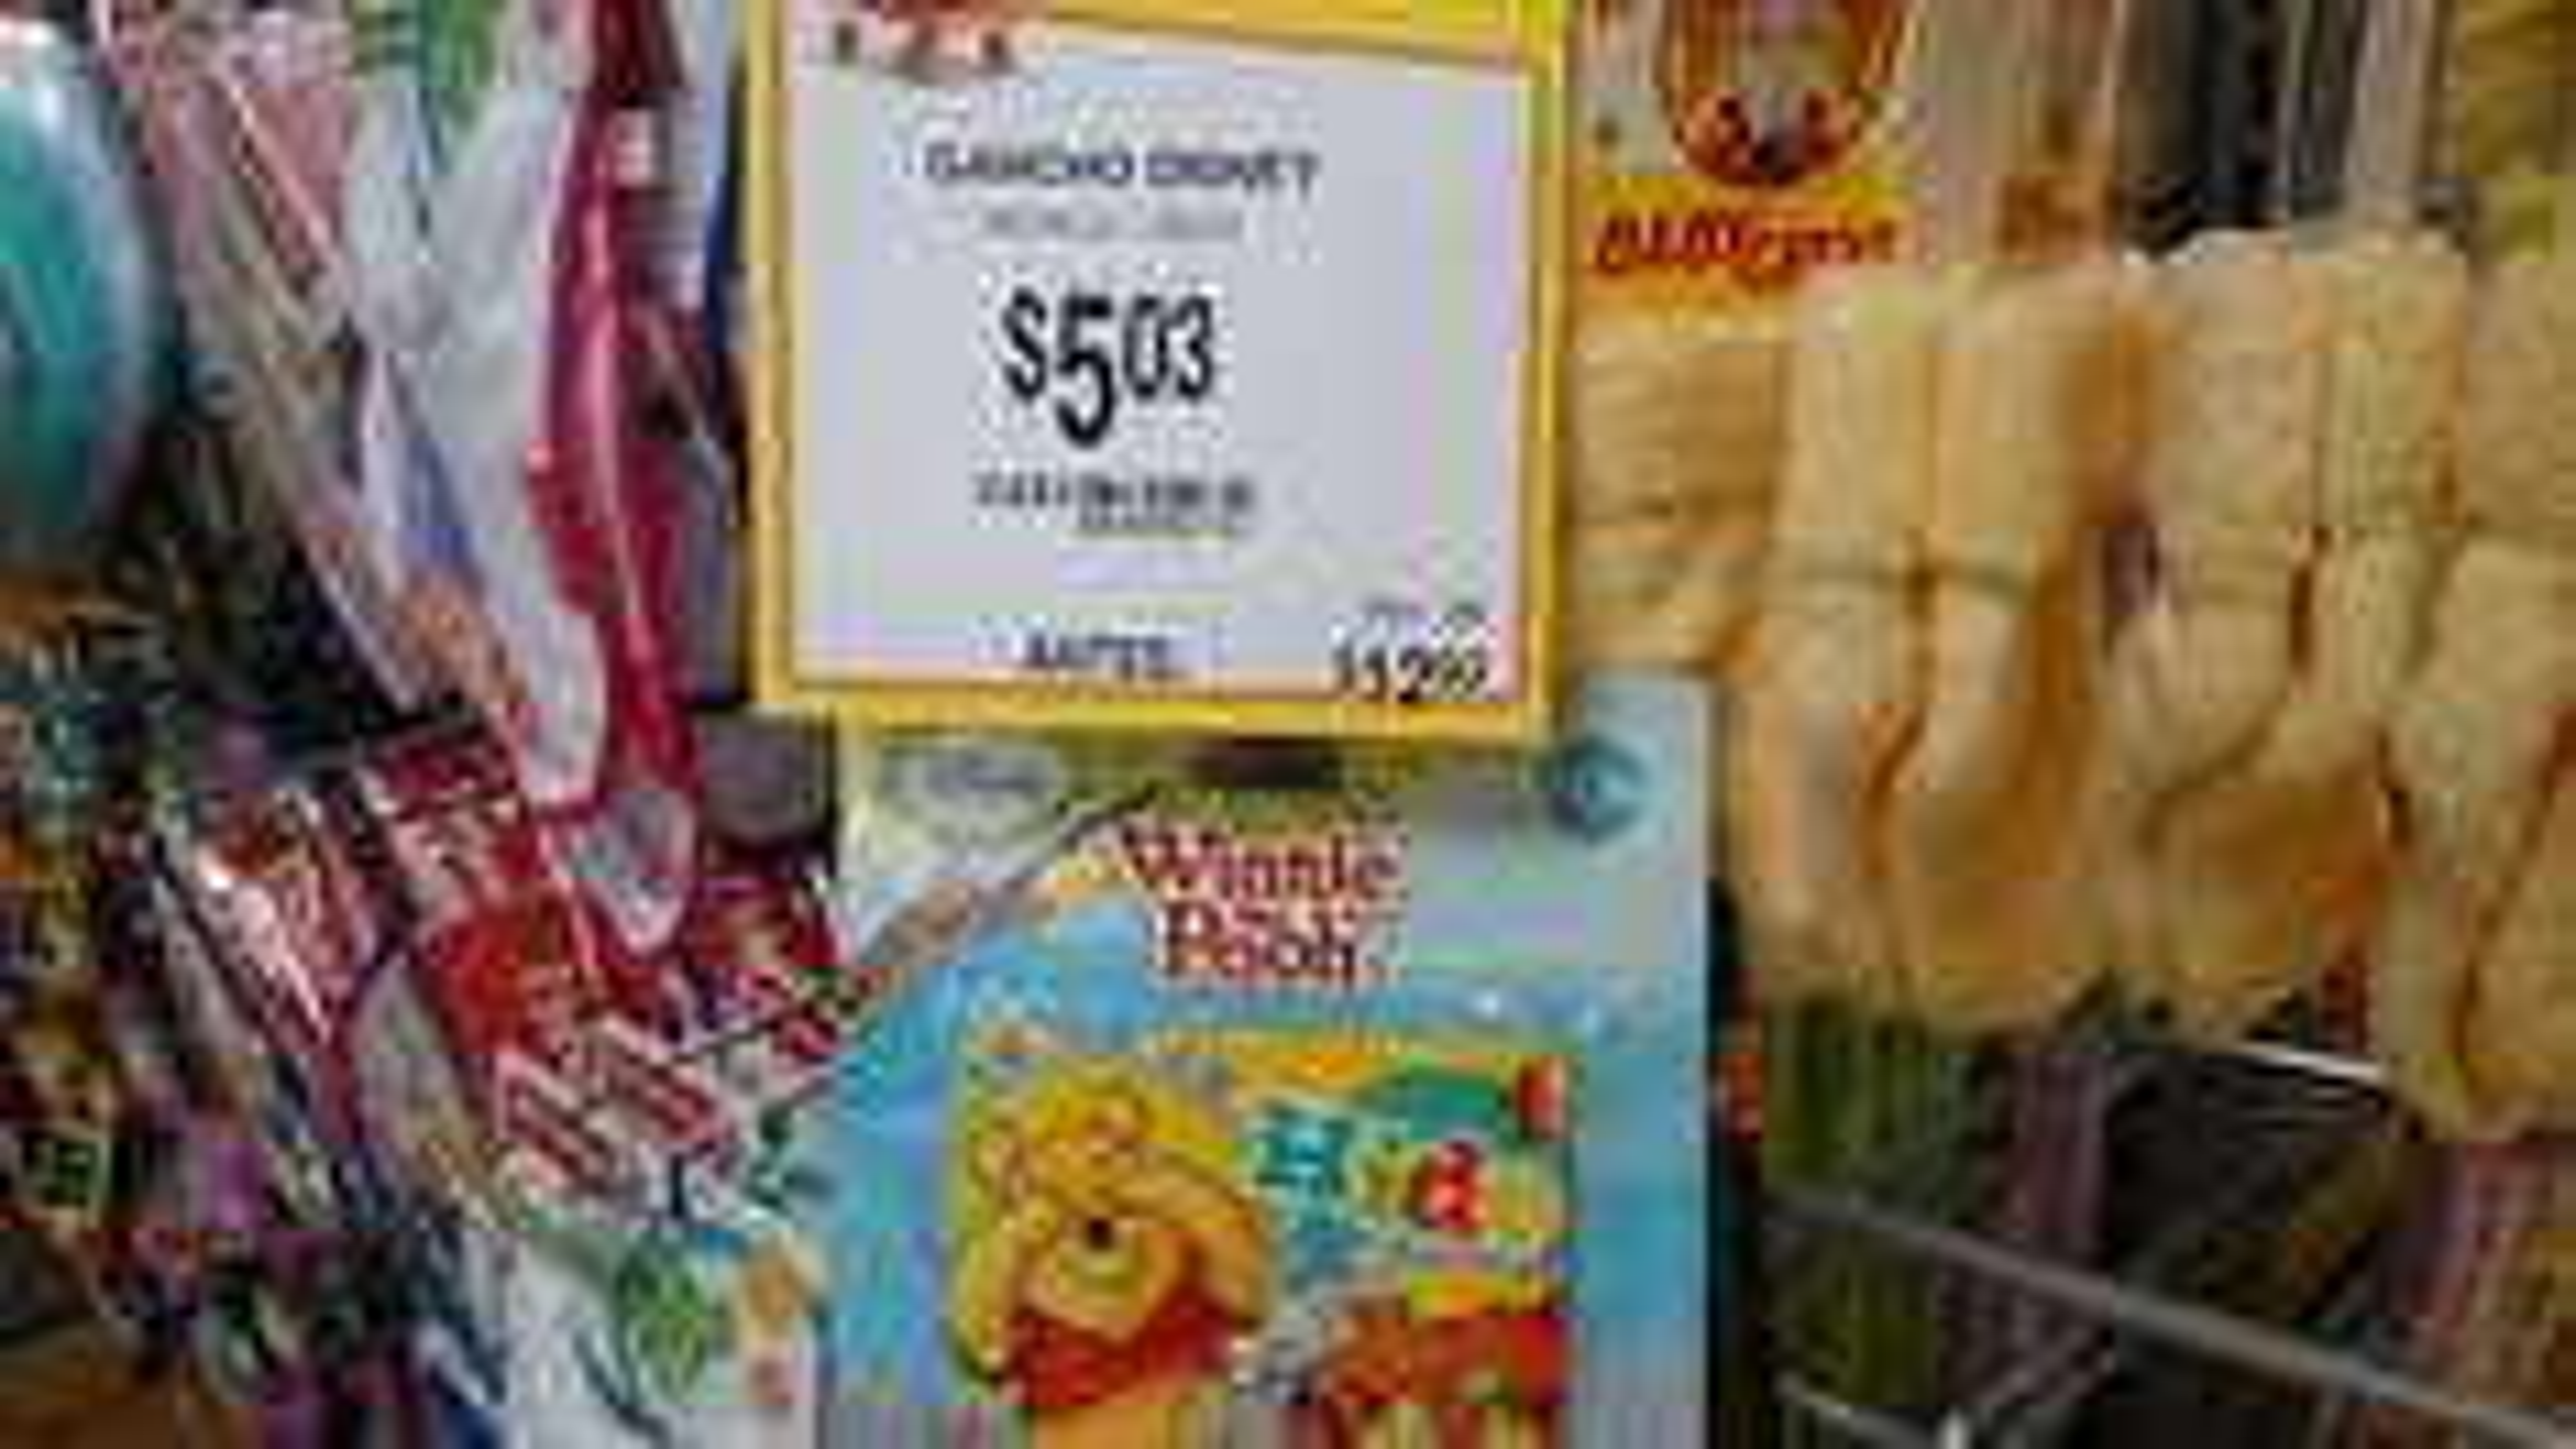 Walmart: Ganchos de Disney en $5.03